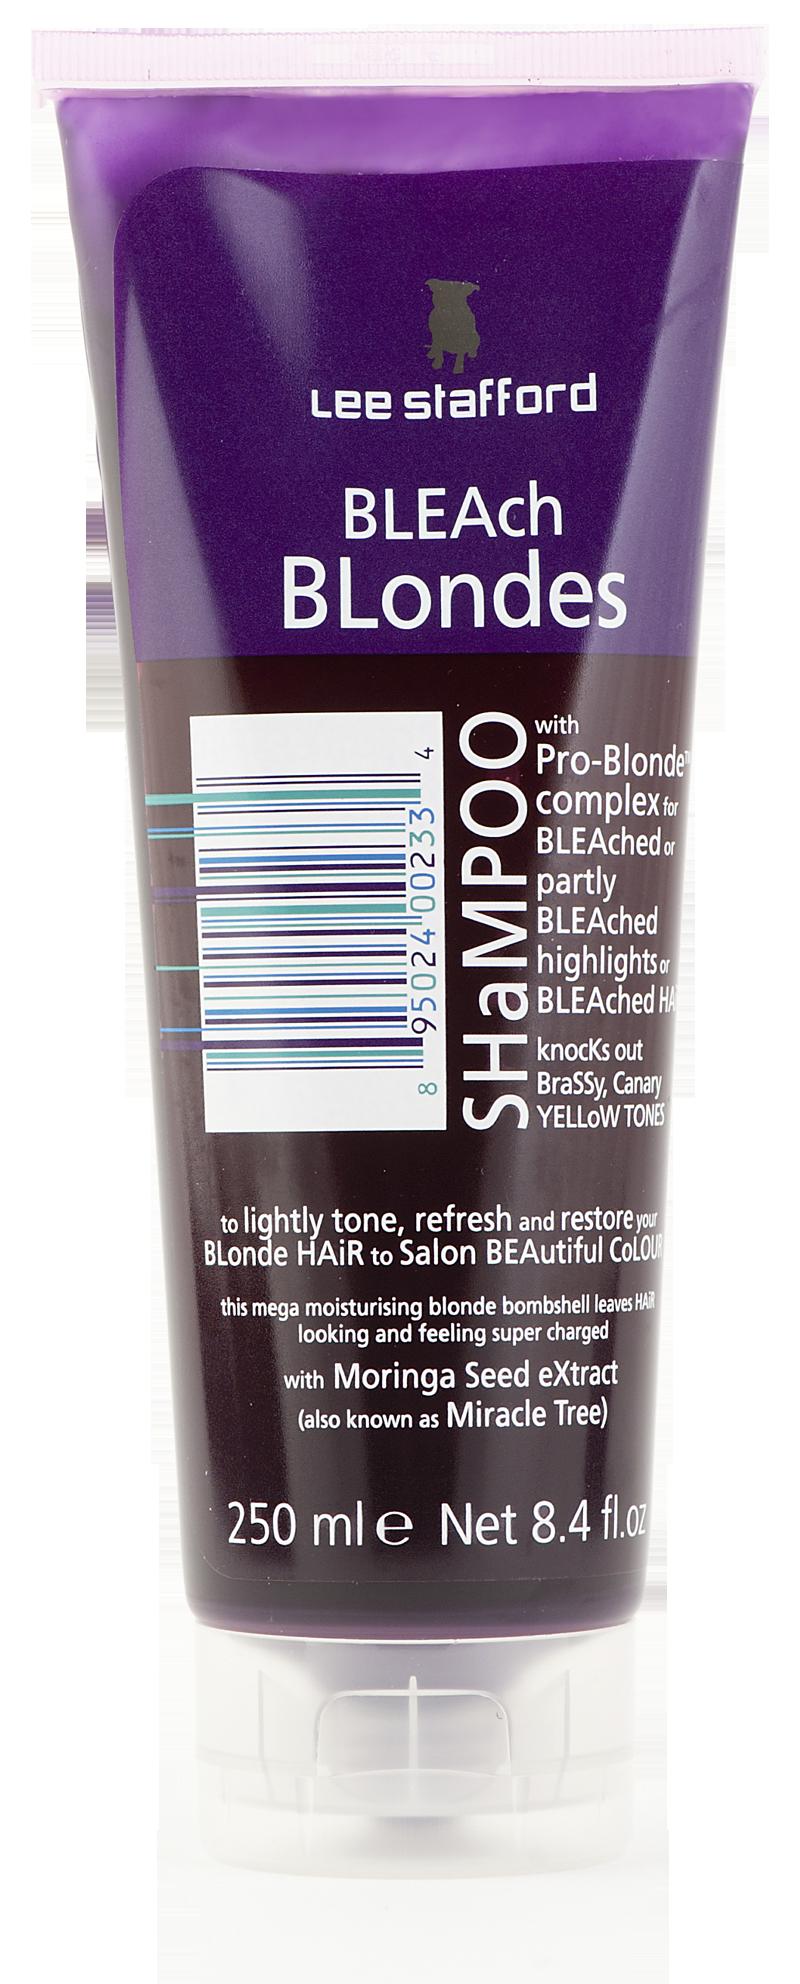 Lee Stafford Bleach Blondes Shampoo Dream Hair Pinterest